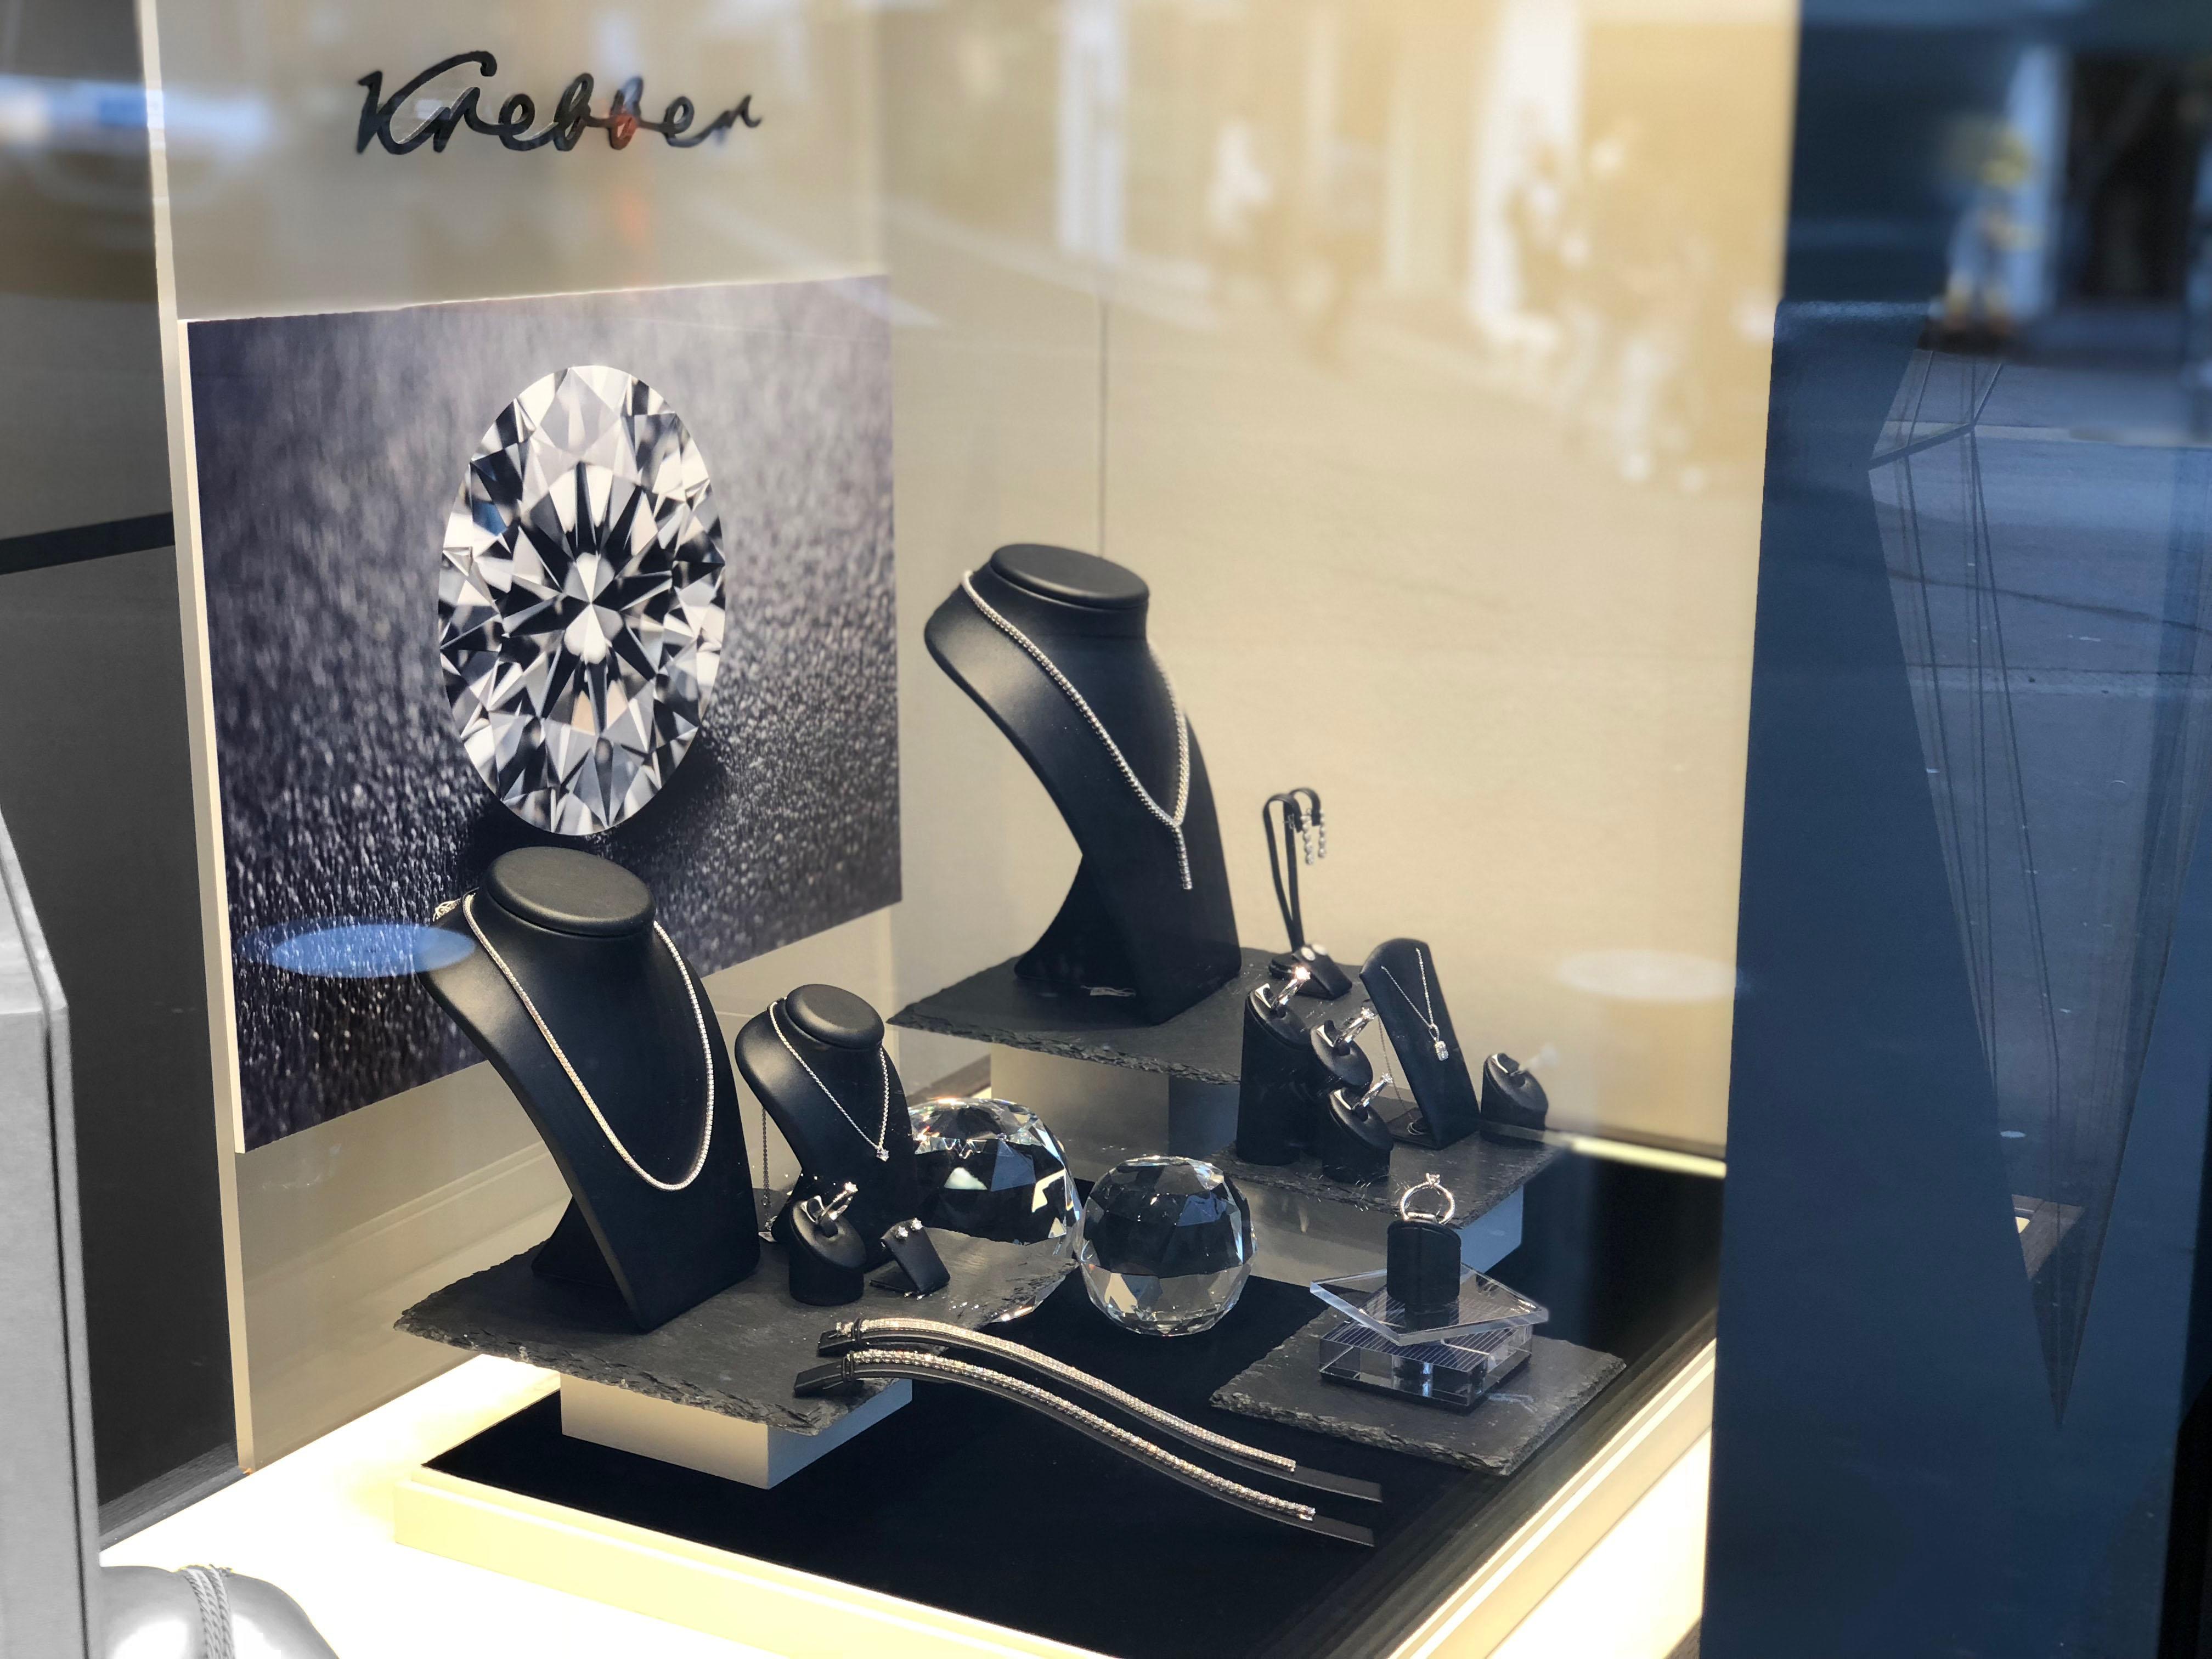 Juwelier Krebber Jubiläumskollektion Brillantschmuck Mönchengladbach